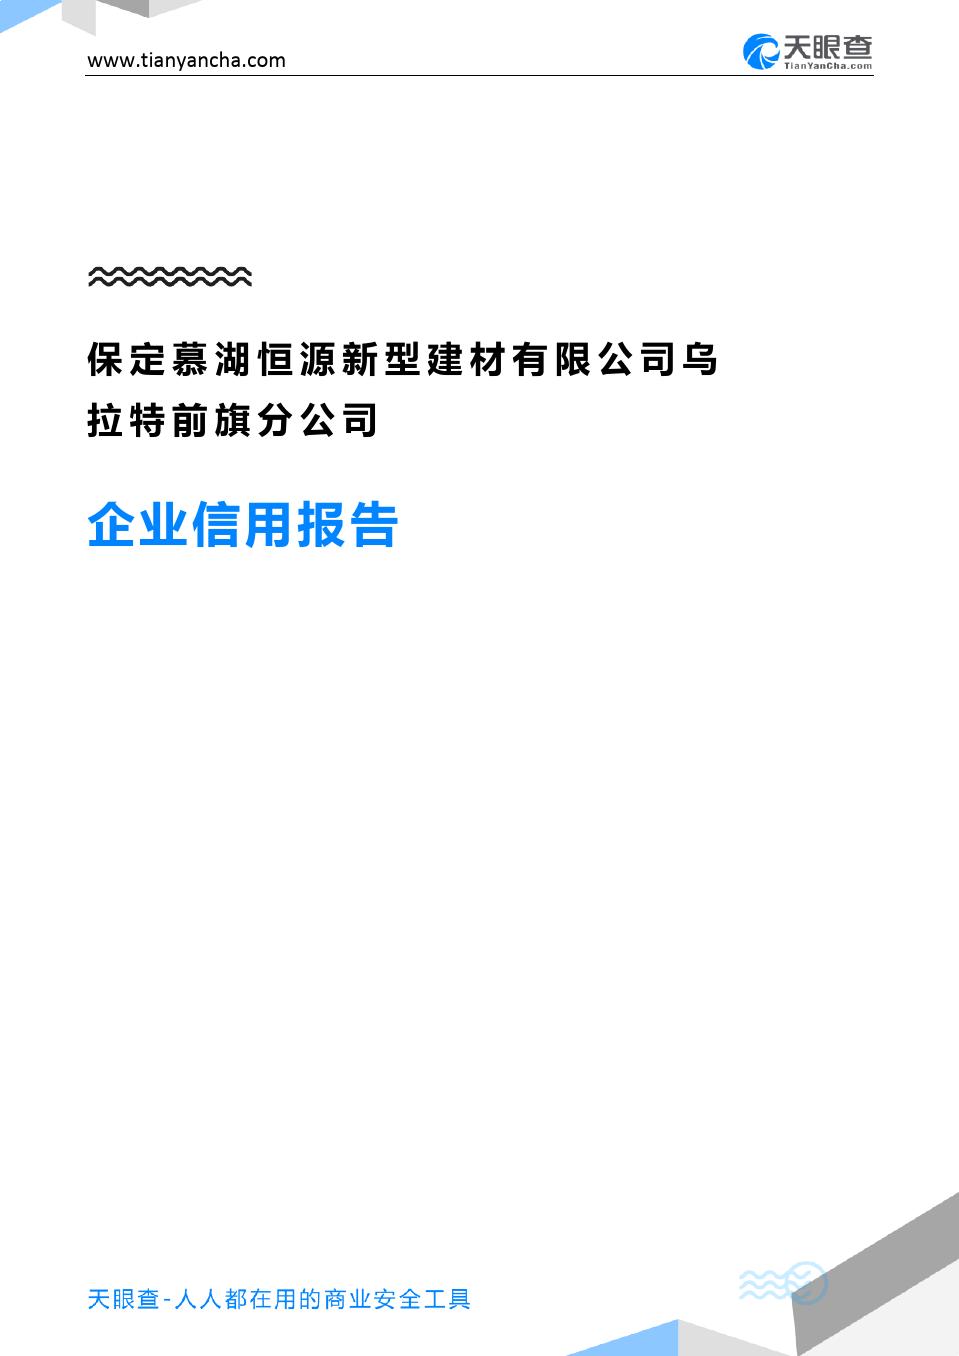 保定慕湖恒源新型建材有限公司乌拉特前旗分公司企业信用报告-天眼查